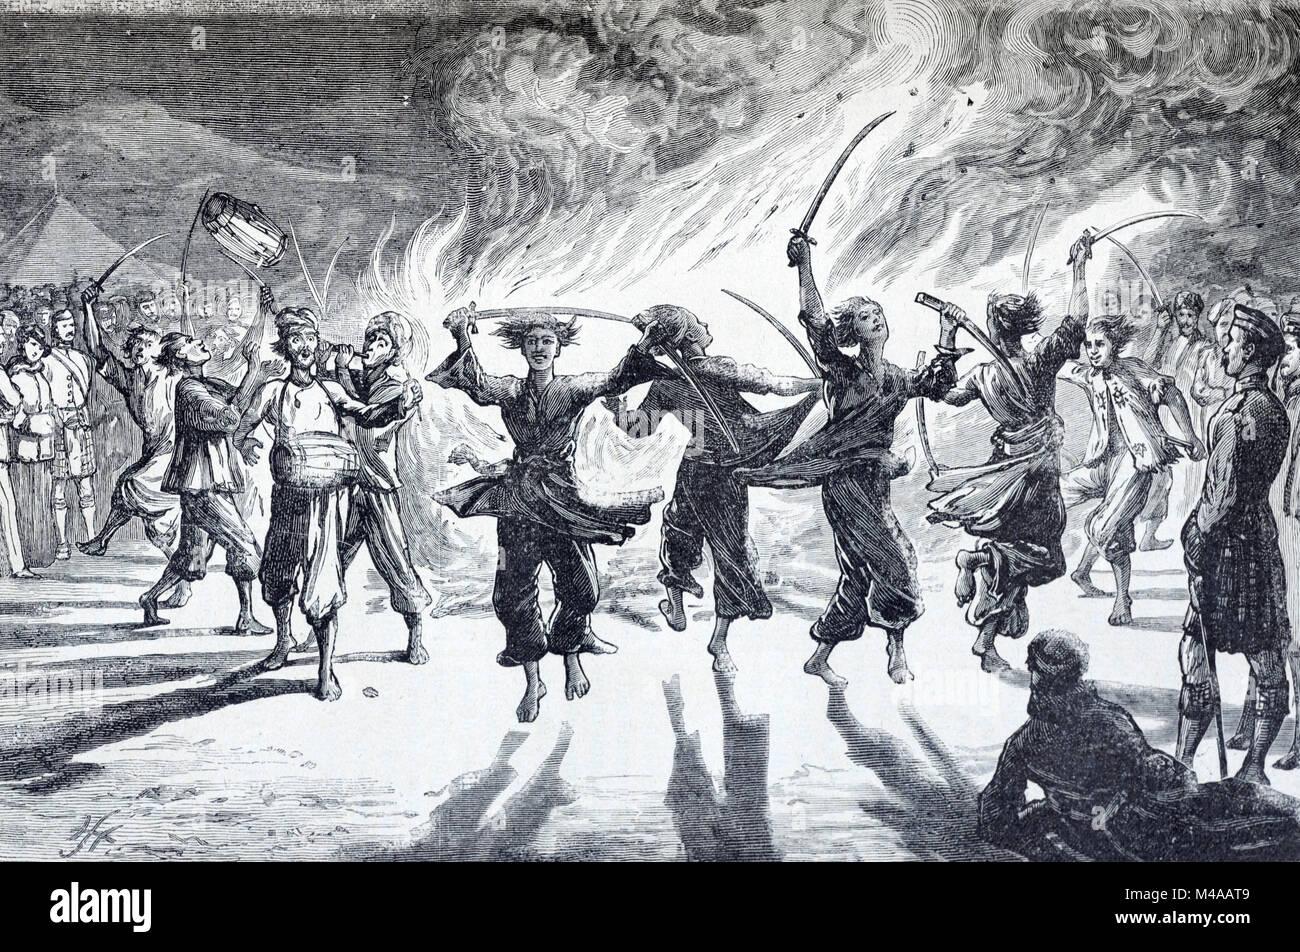 Khattak Dancers Khattak Dance Sword Dance Or War Dance By The